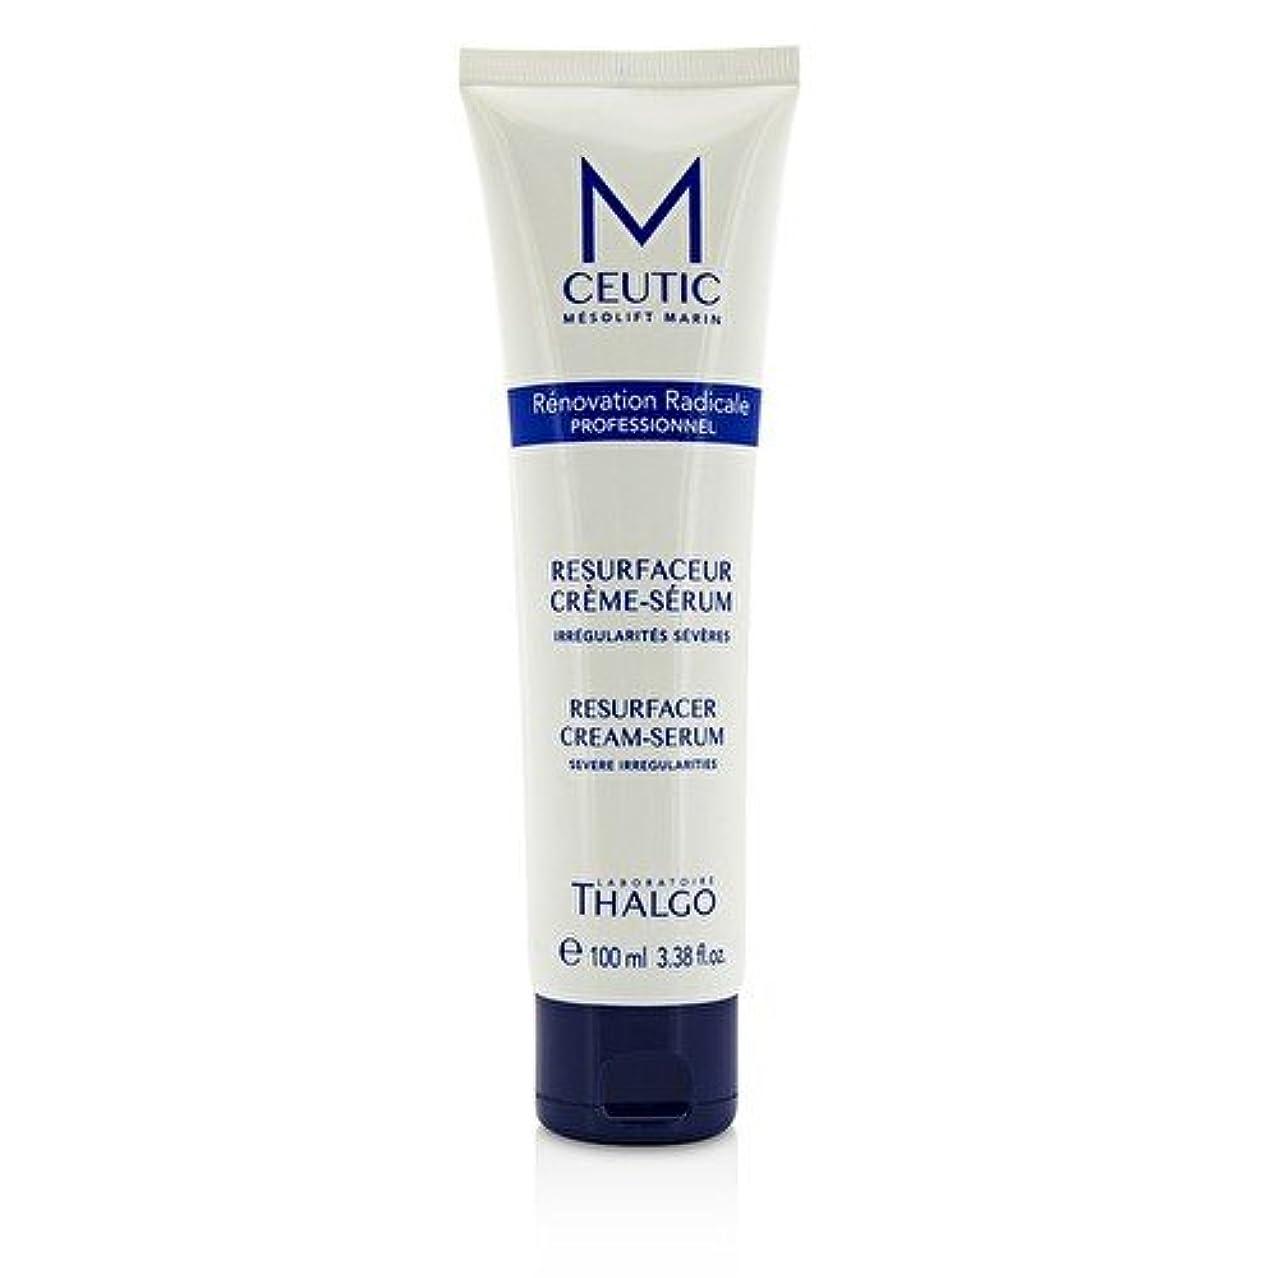 ディスカウント一緒無タルゴ MCEUTIC Resurfacer Cream-Serum - Salon Size 100ml/3.38oz並行輸入品